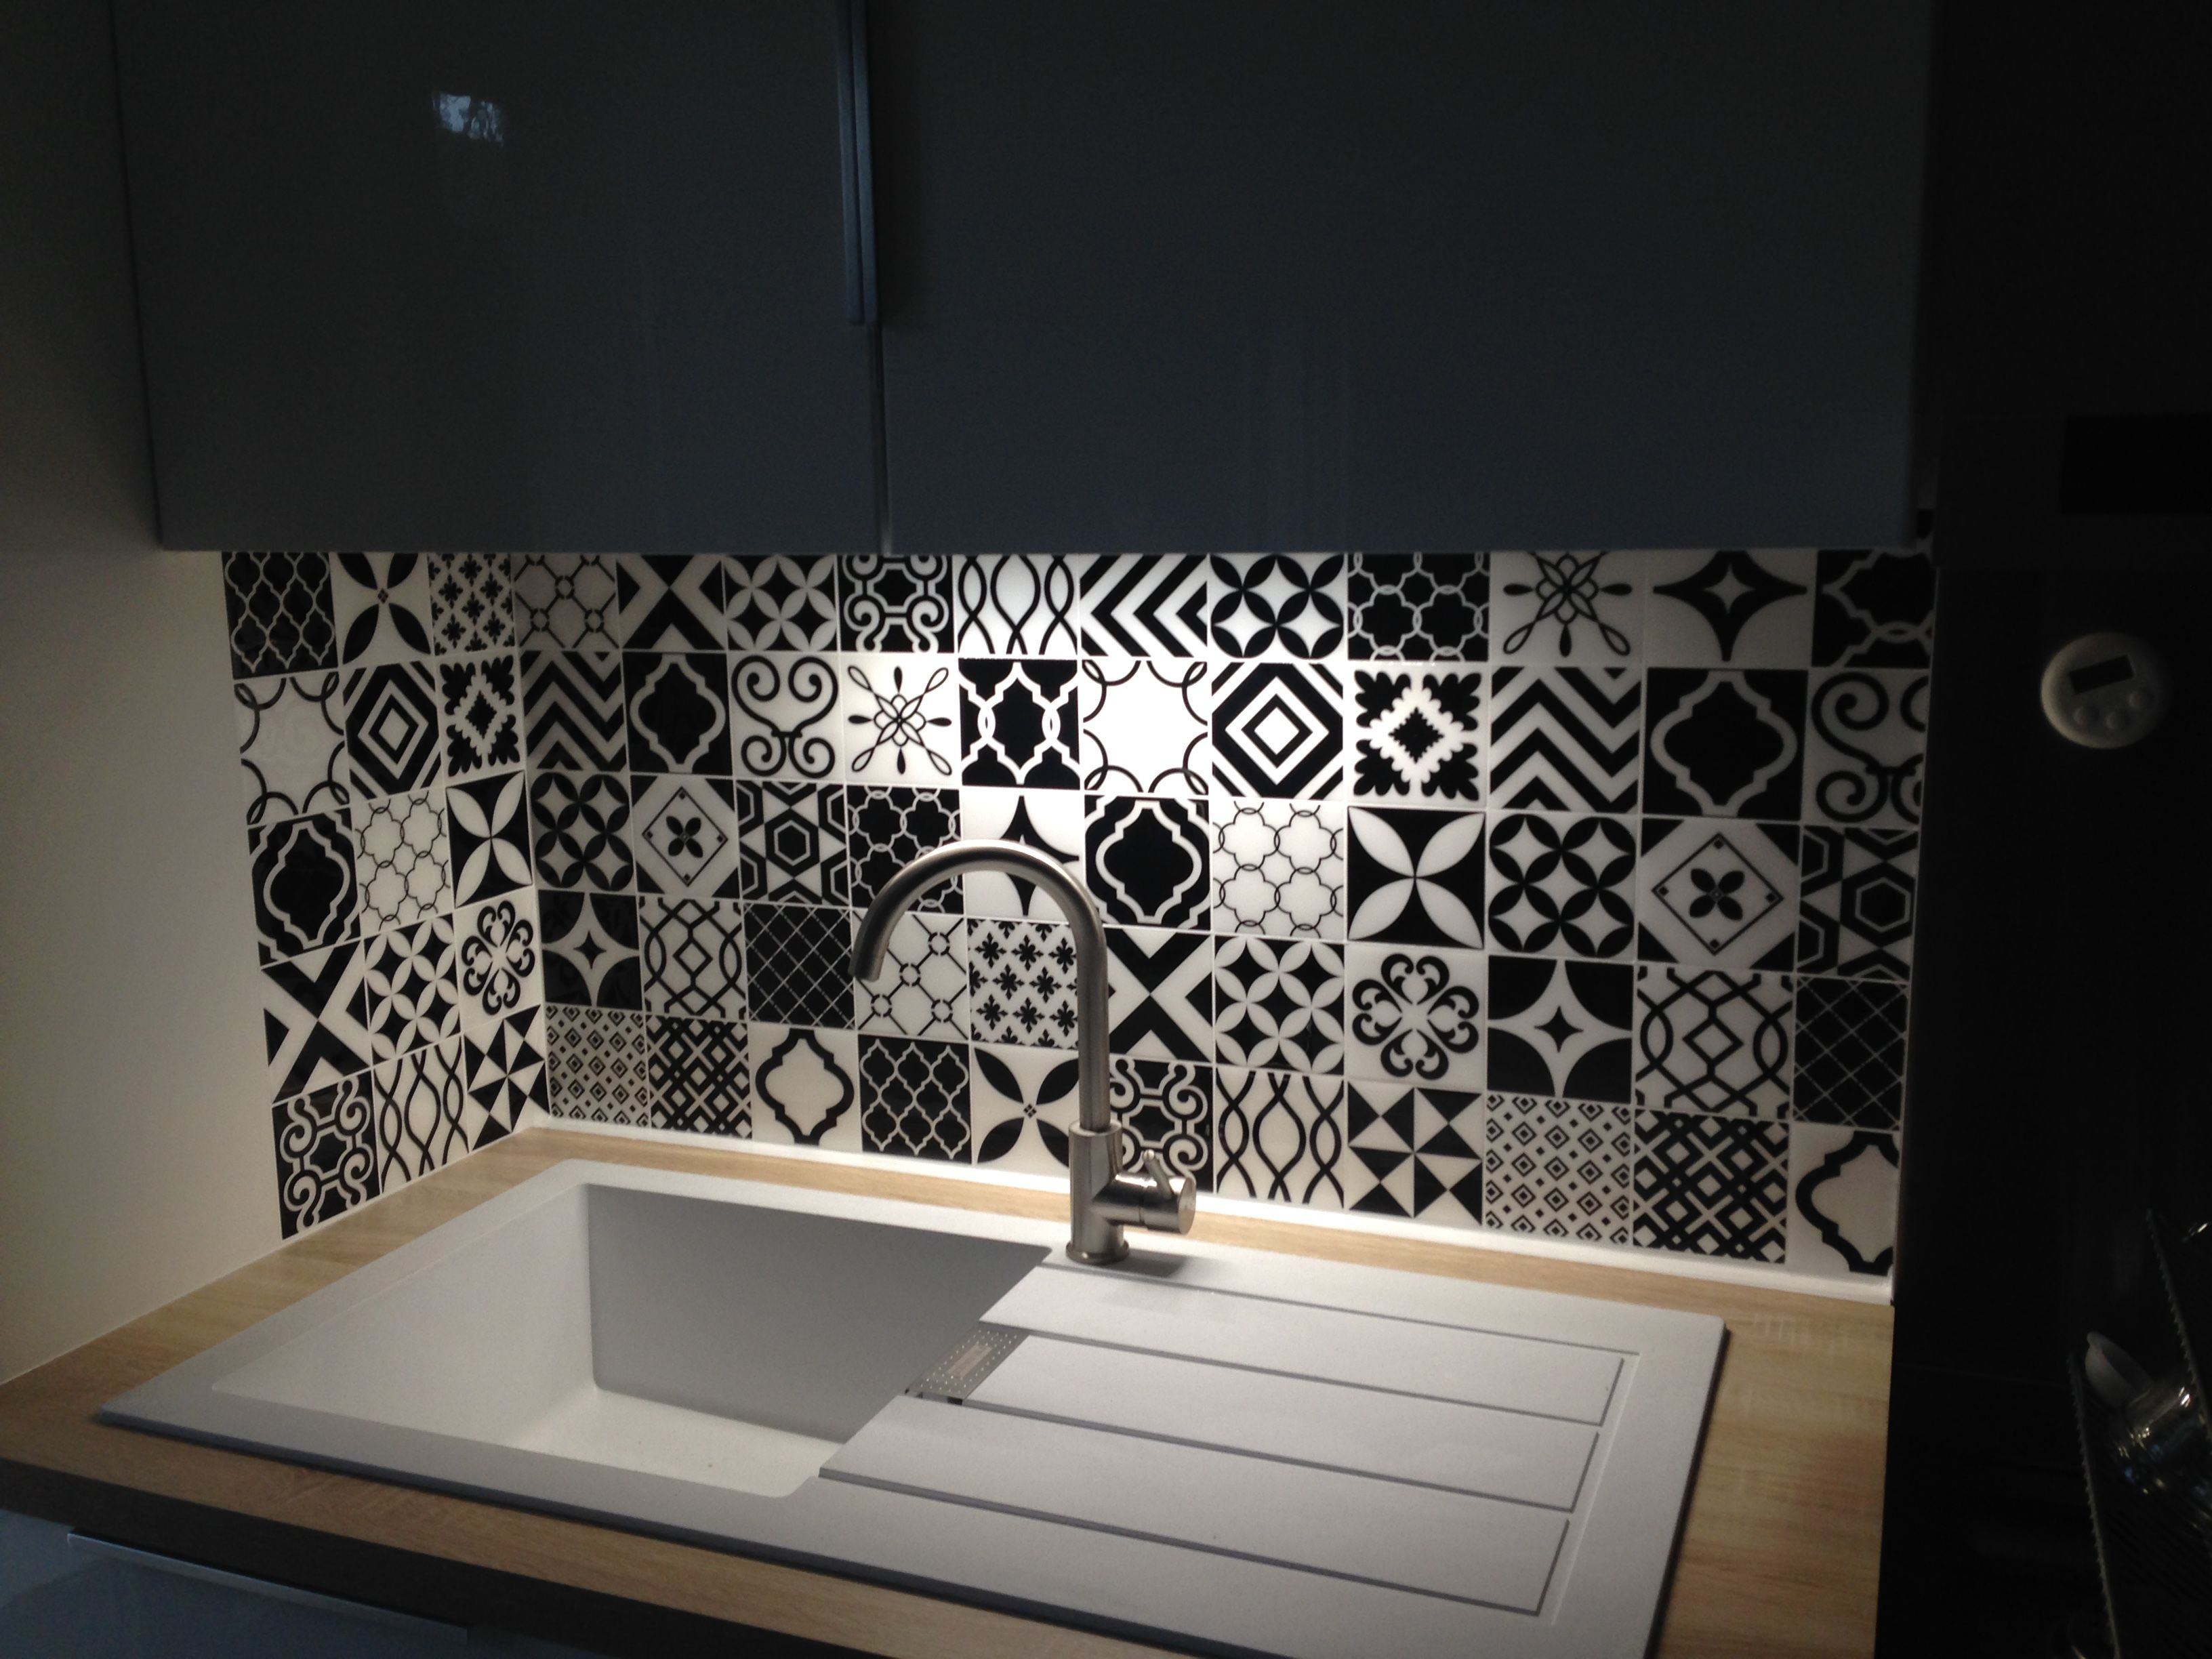 Crédence De Cuisine Adhésive Smart Tiles Objectif Cuisine - Carrelage adhesif pour credence cuisine pour idees de deco de cuisine